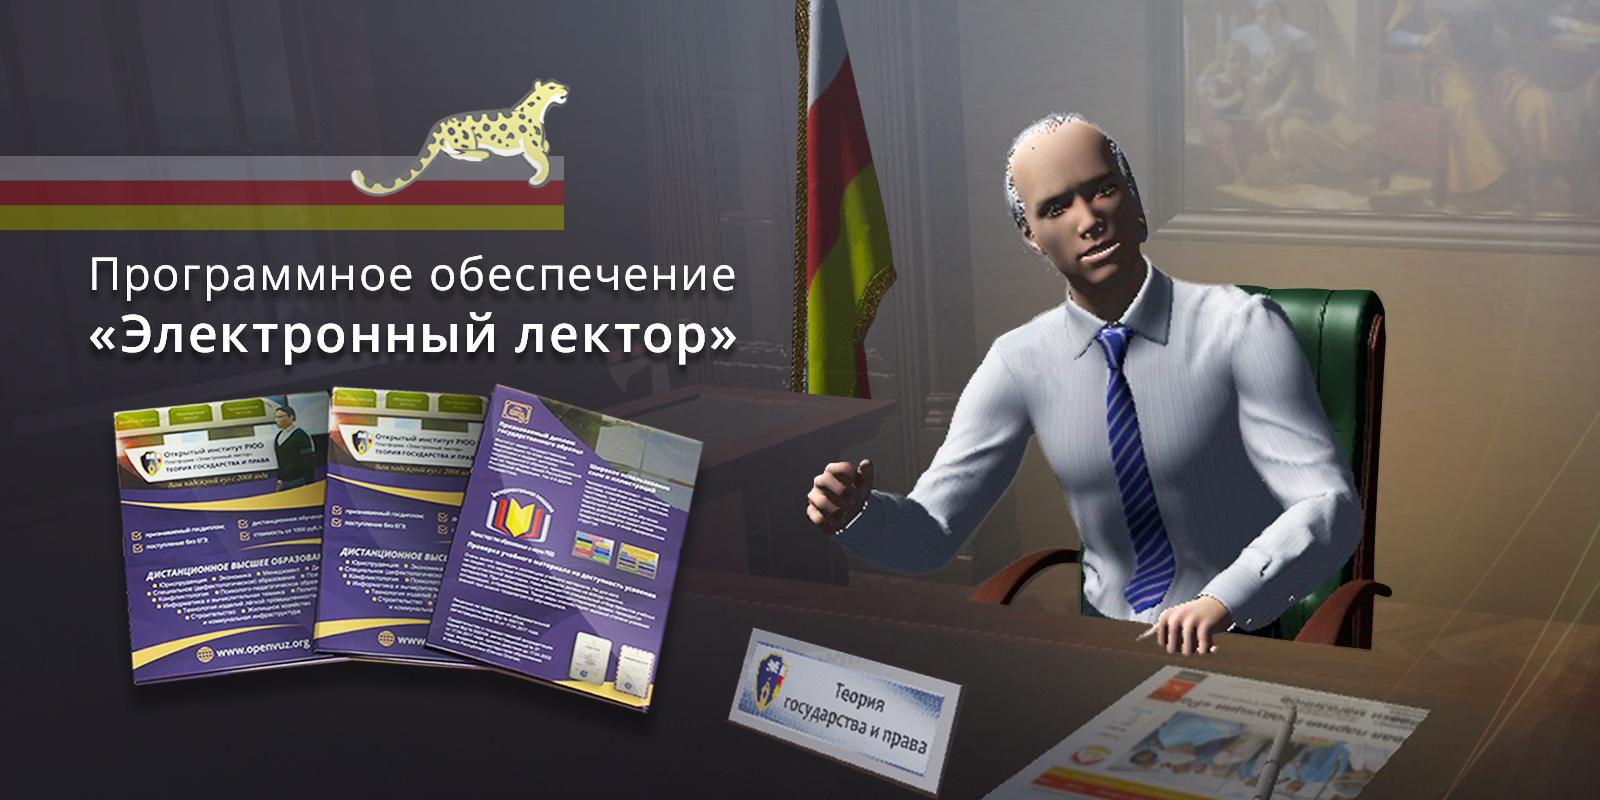 Виртуальный Лектор